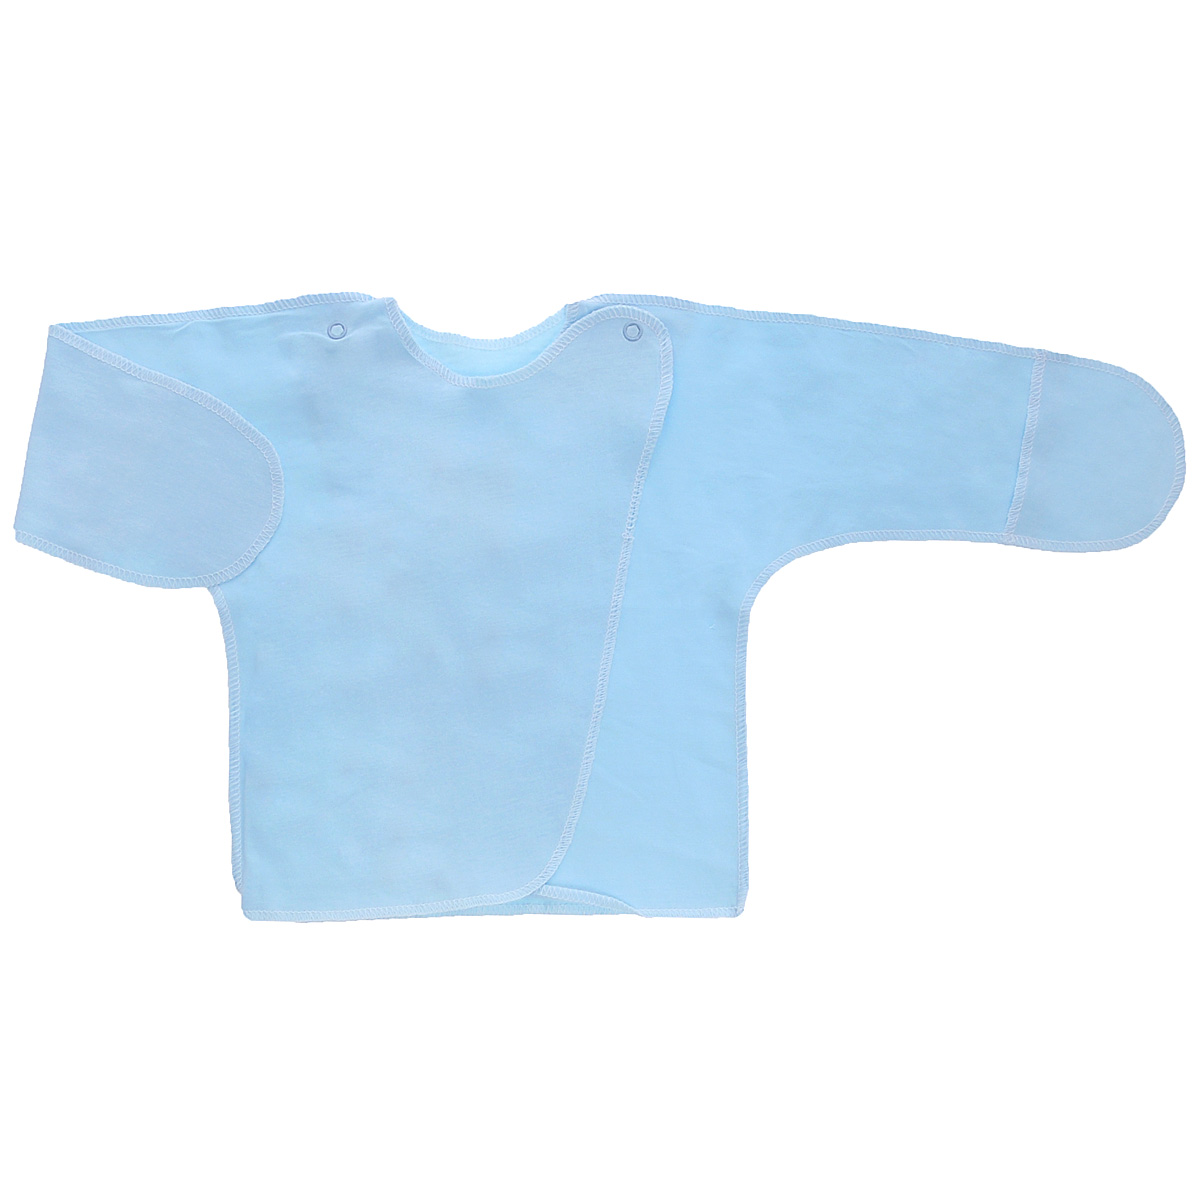 Распашонка Трон-плюс, цвет: голубой. 5003. Размер 68, 6 месяцев5003Распашонка с закрытыми ручками Трон-плюс послужит идеальным дополнением к гардеробу младенца. Распашонка, выполненная швами наружу, изготовлена из кулирного полотна - натурального хлопка, благодаря чему она необычайно мягкая и легкая, не раздражает нежную кожу ребенка и хорошо вентилируется, а эластичные швы приятны телу малыша и не препятствуют его движениям. Распашонка с запахом, застегивается при помощи двух кнопок на плечах, которые позволяют без труда переодеть ребенка. Благодаря рукавичкам ребенок не поцарапает себя.